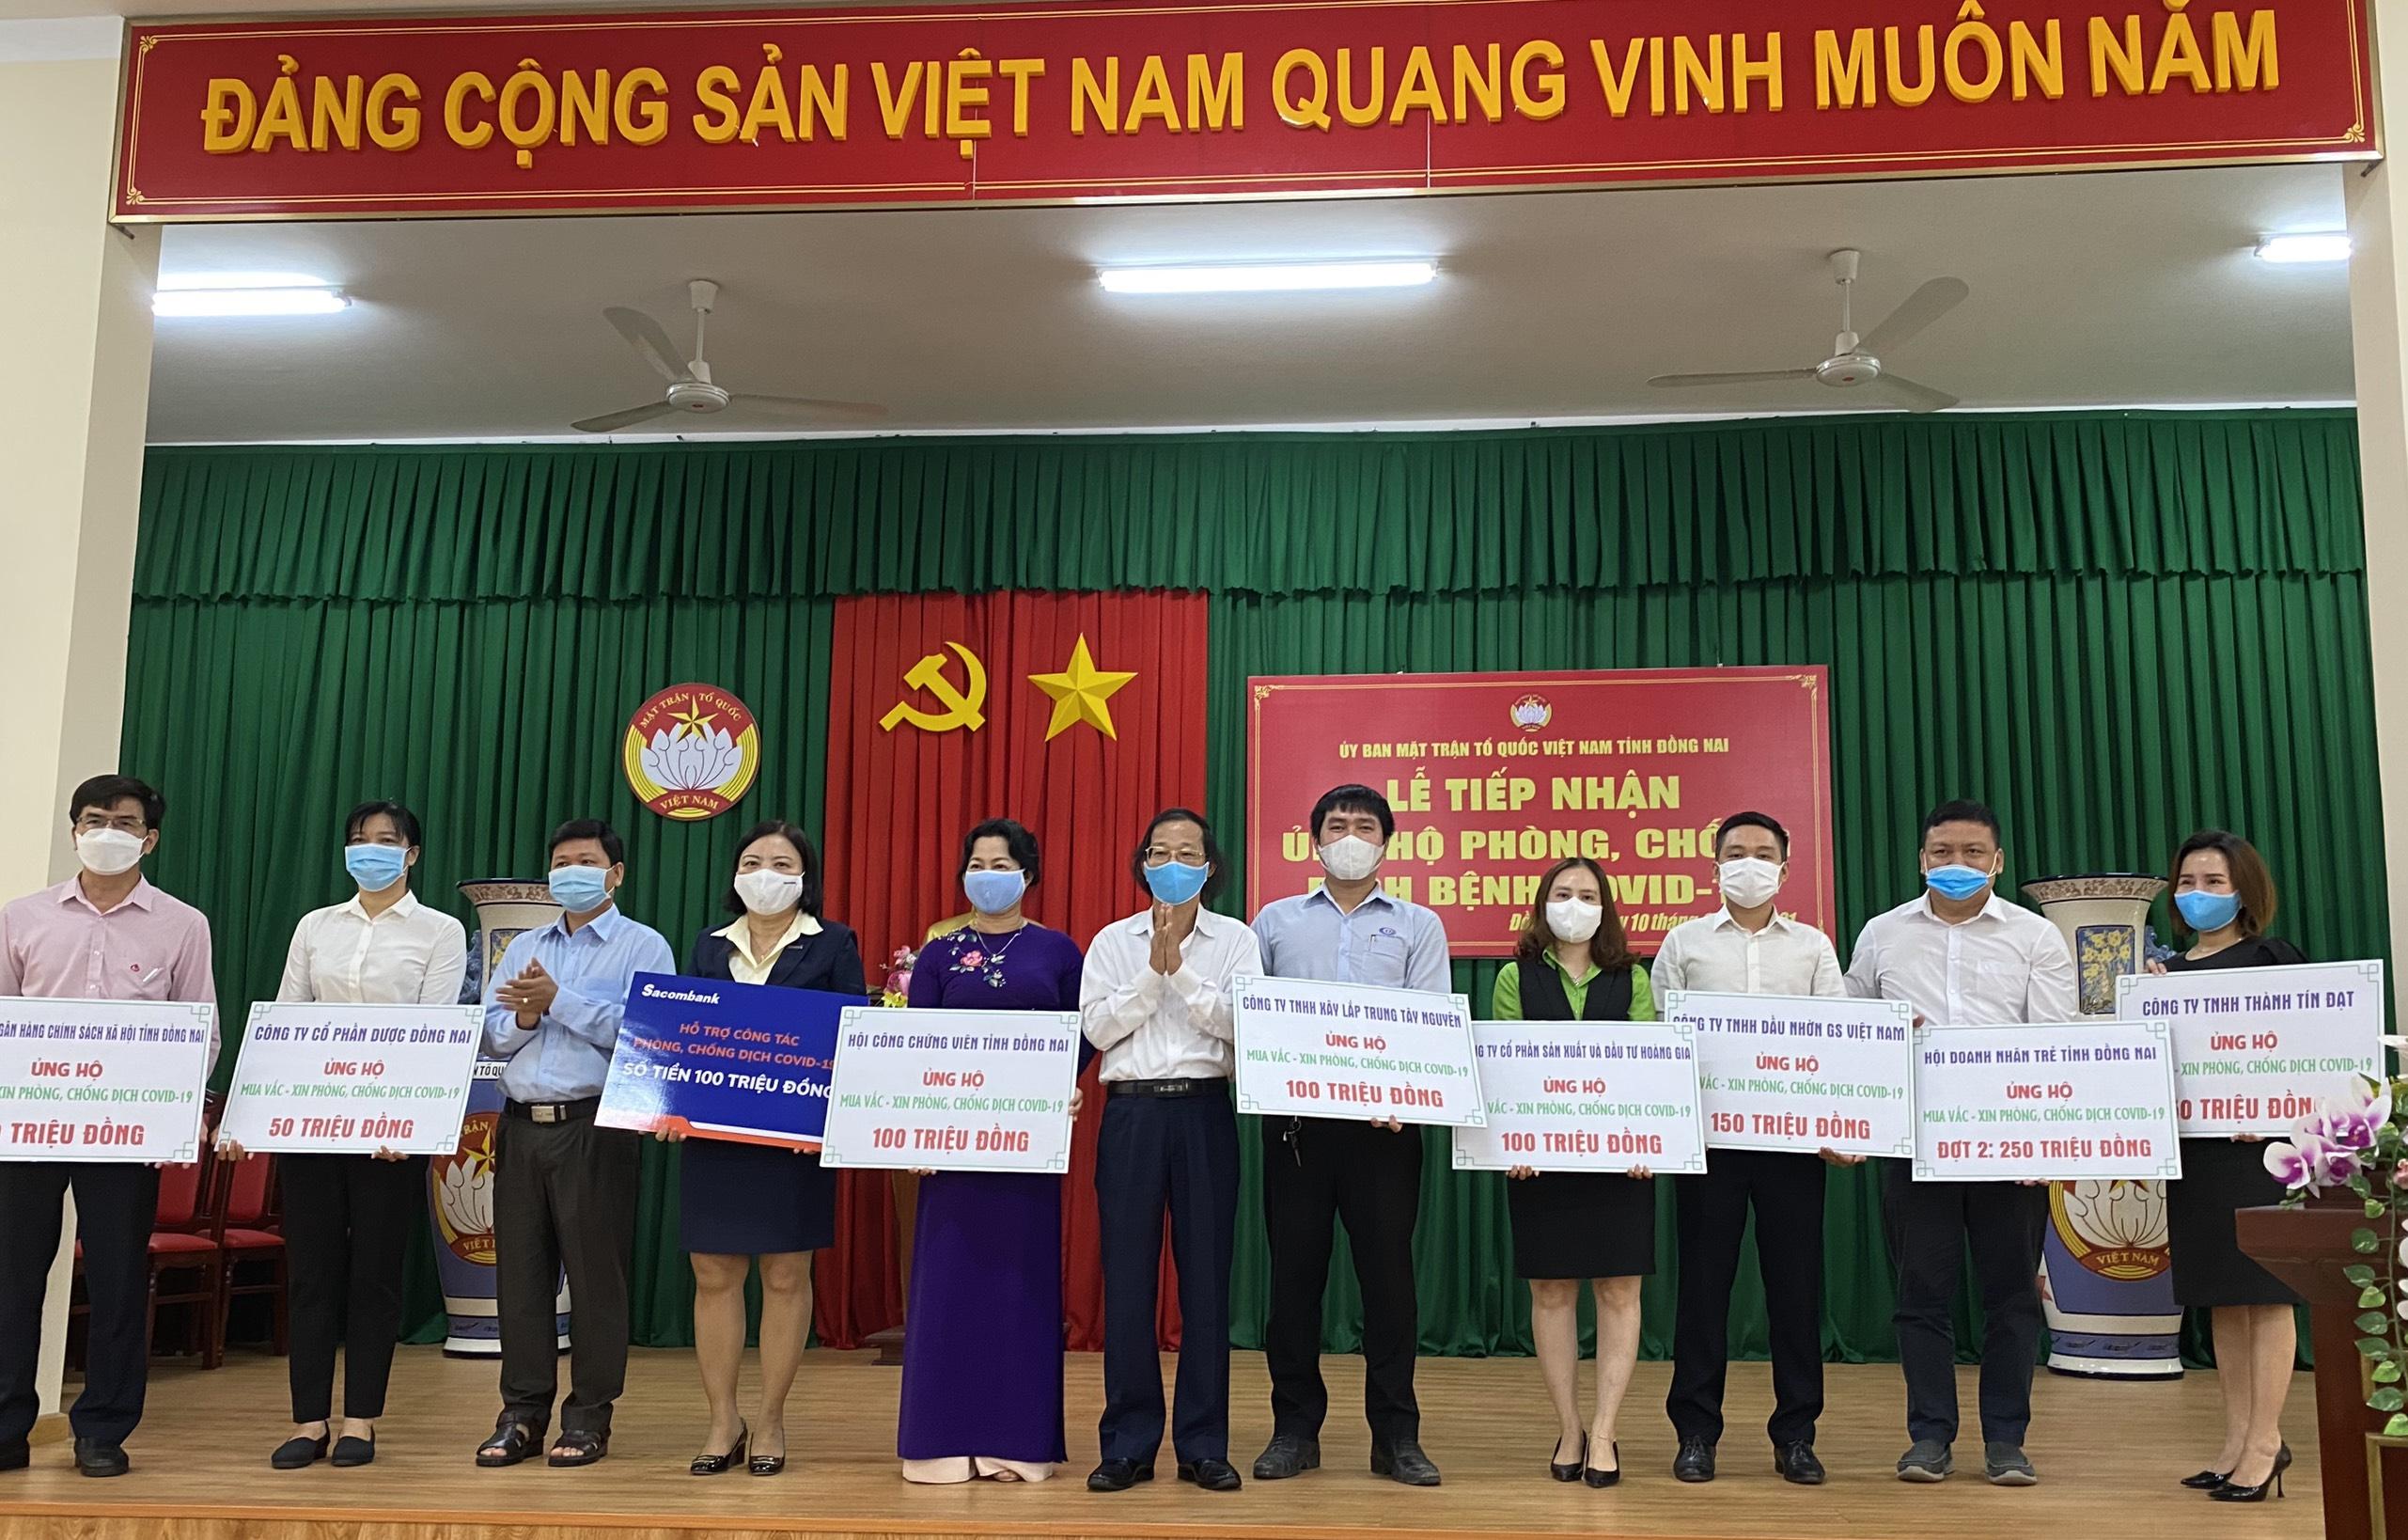 Chung tay ủng hộ kinh phí mua vắc xin phòng, chống dịch COVID-19